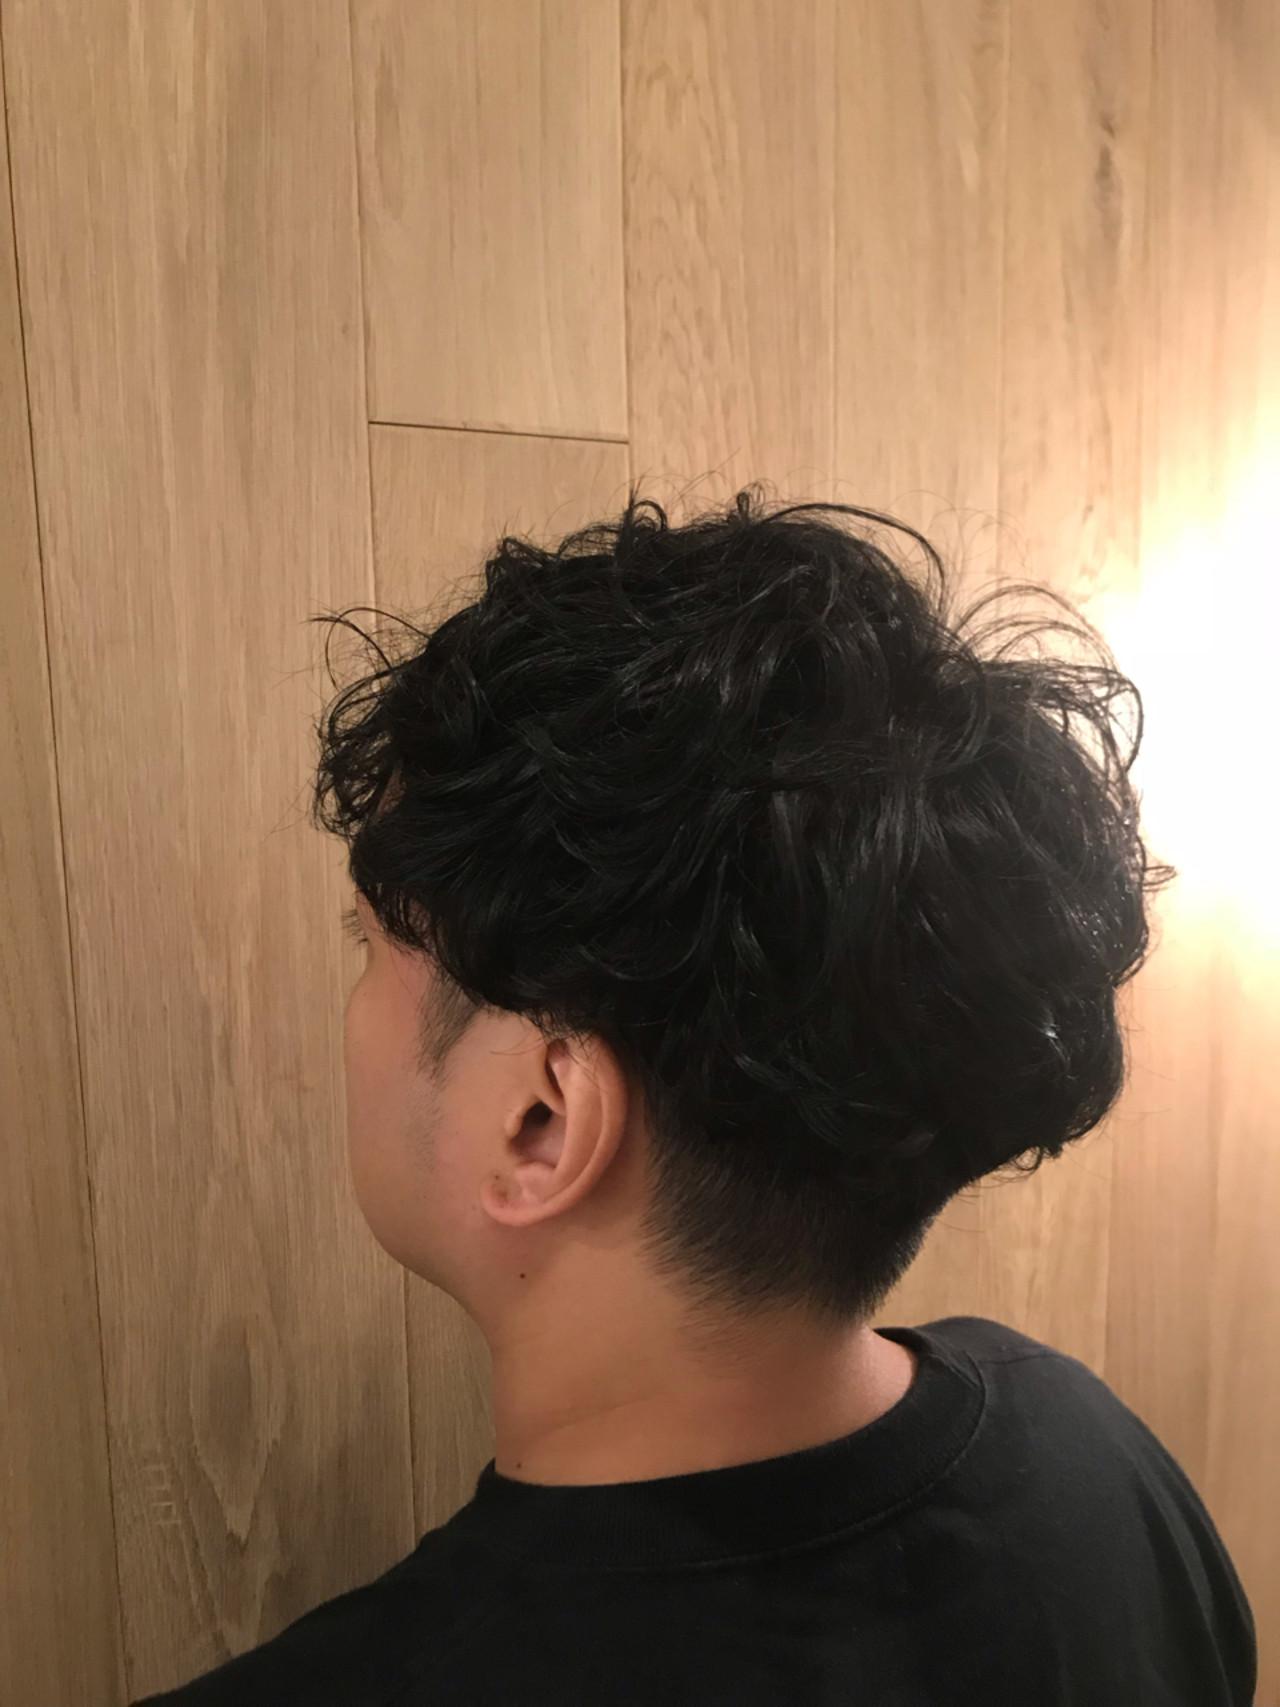 刈り上げ ショート ボーイッシュ パーマ ヘアスタイルや髪型の写真・画像